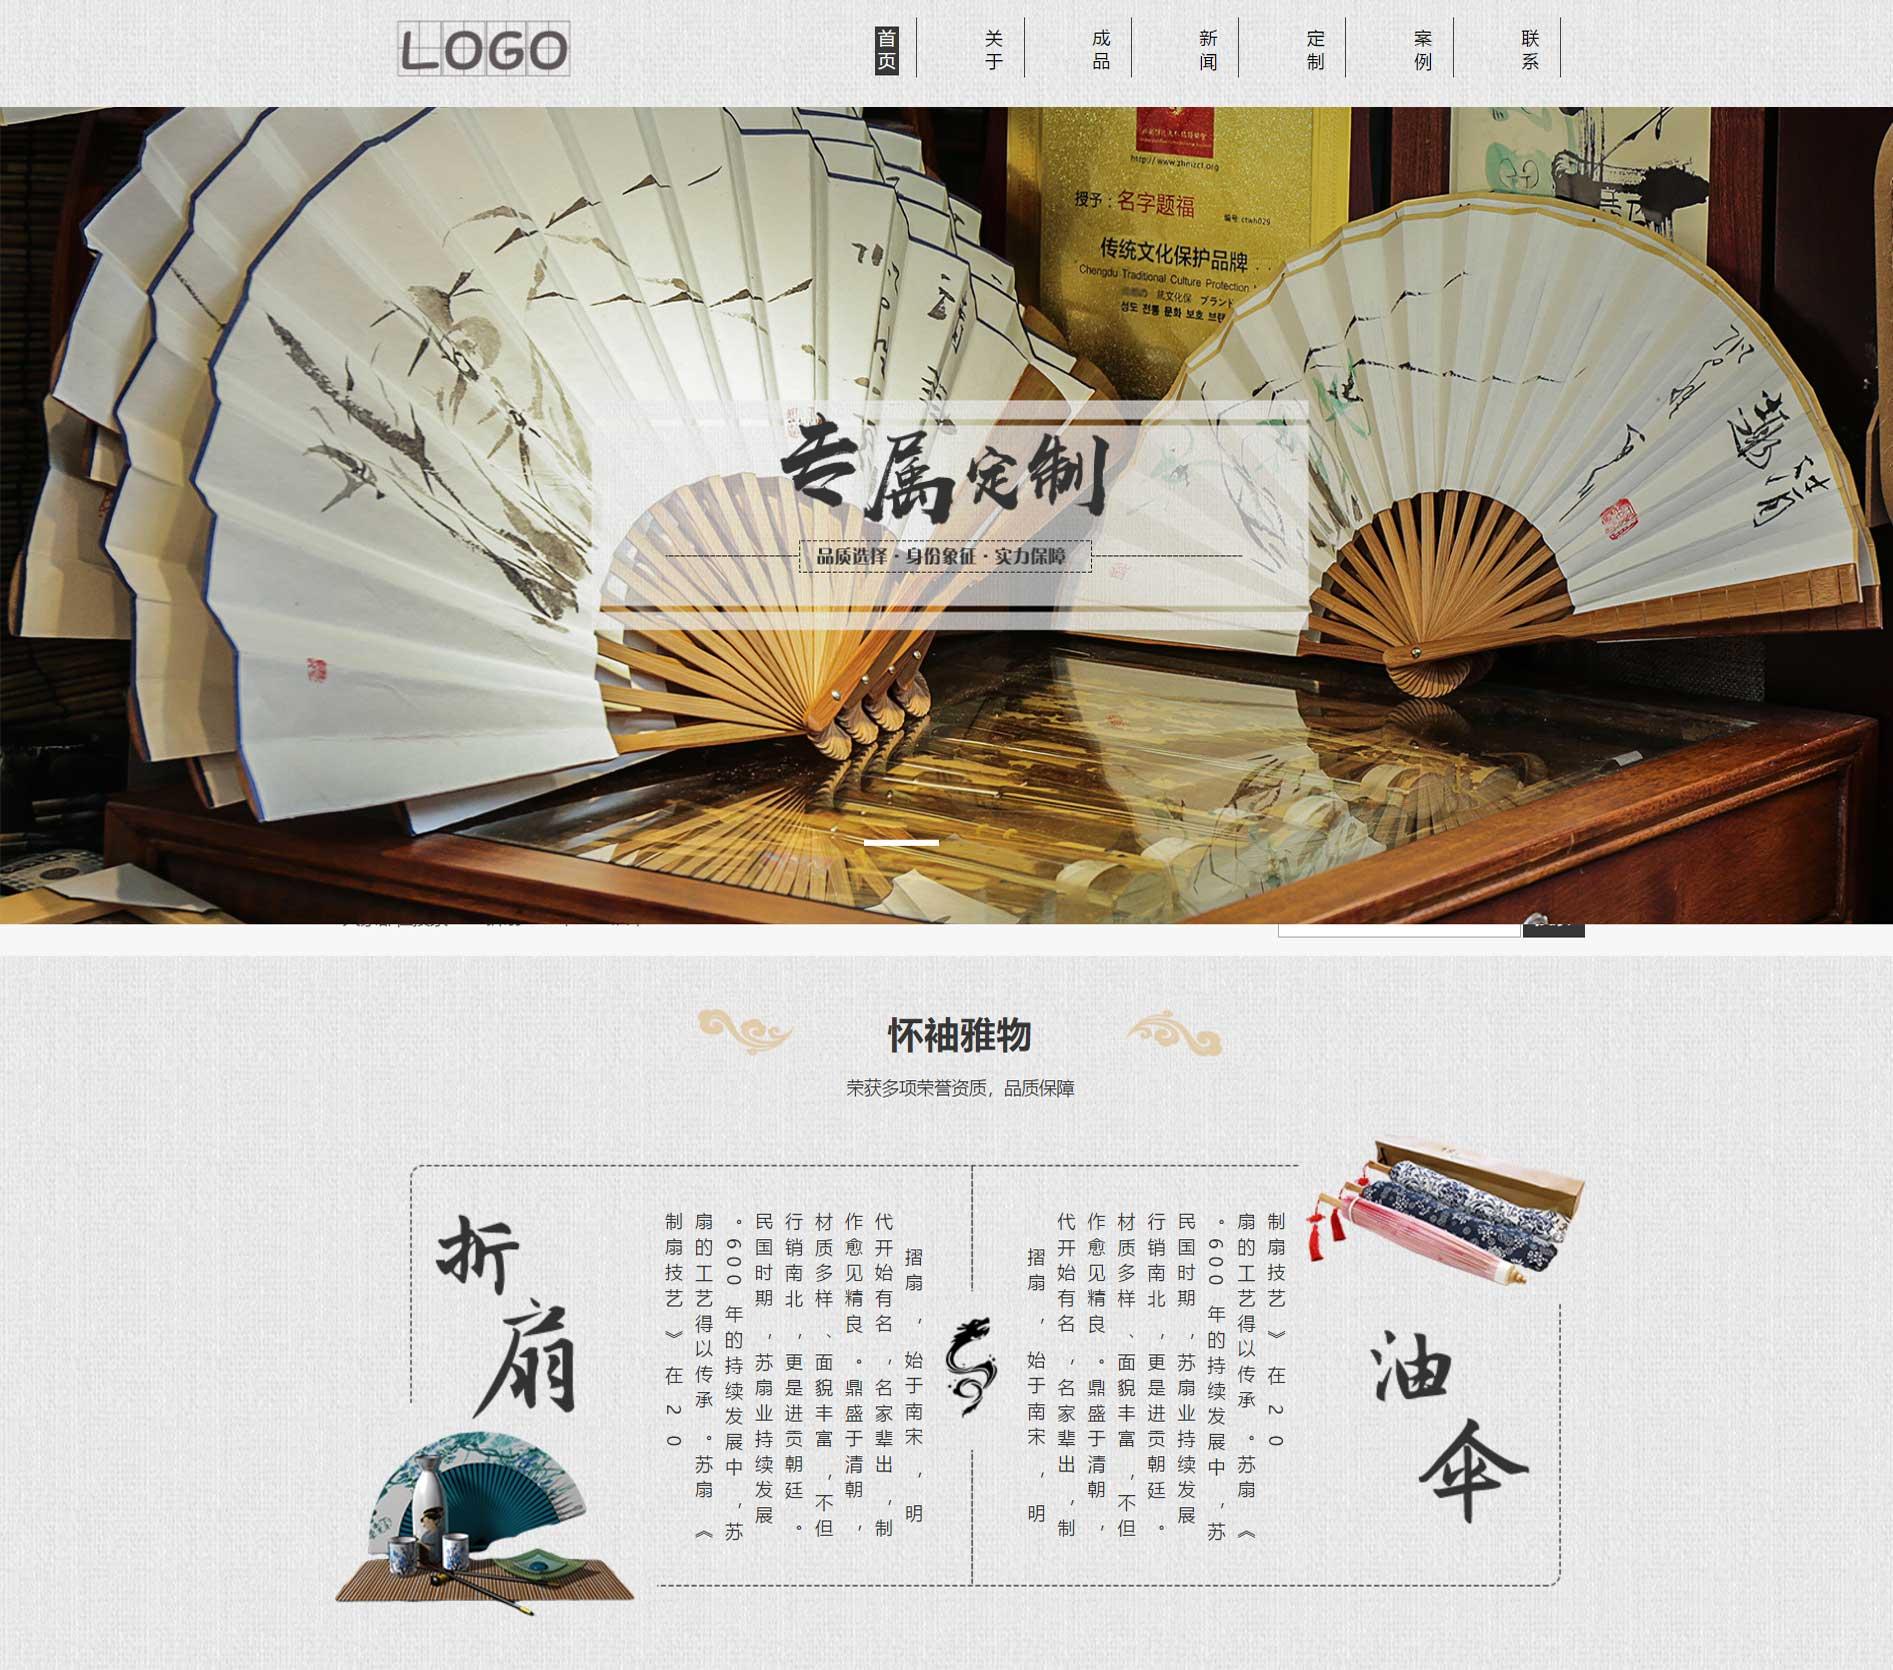 工艺品行业网站